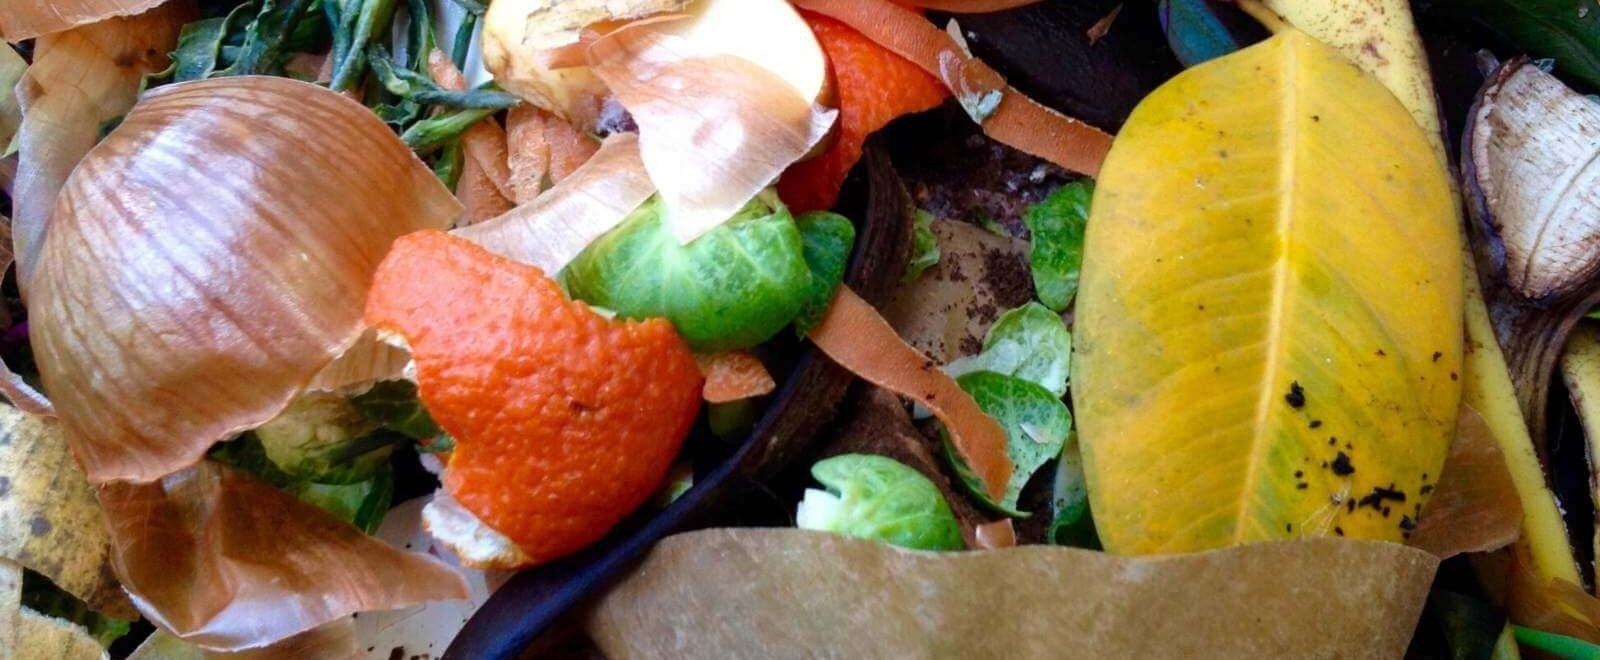 Compostabile-e-biodegradabile-significato-differenza